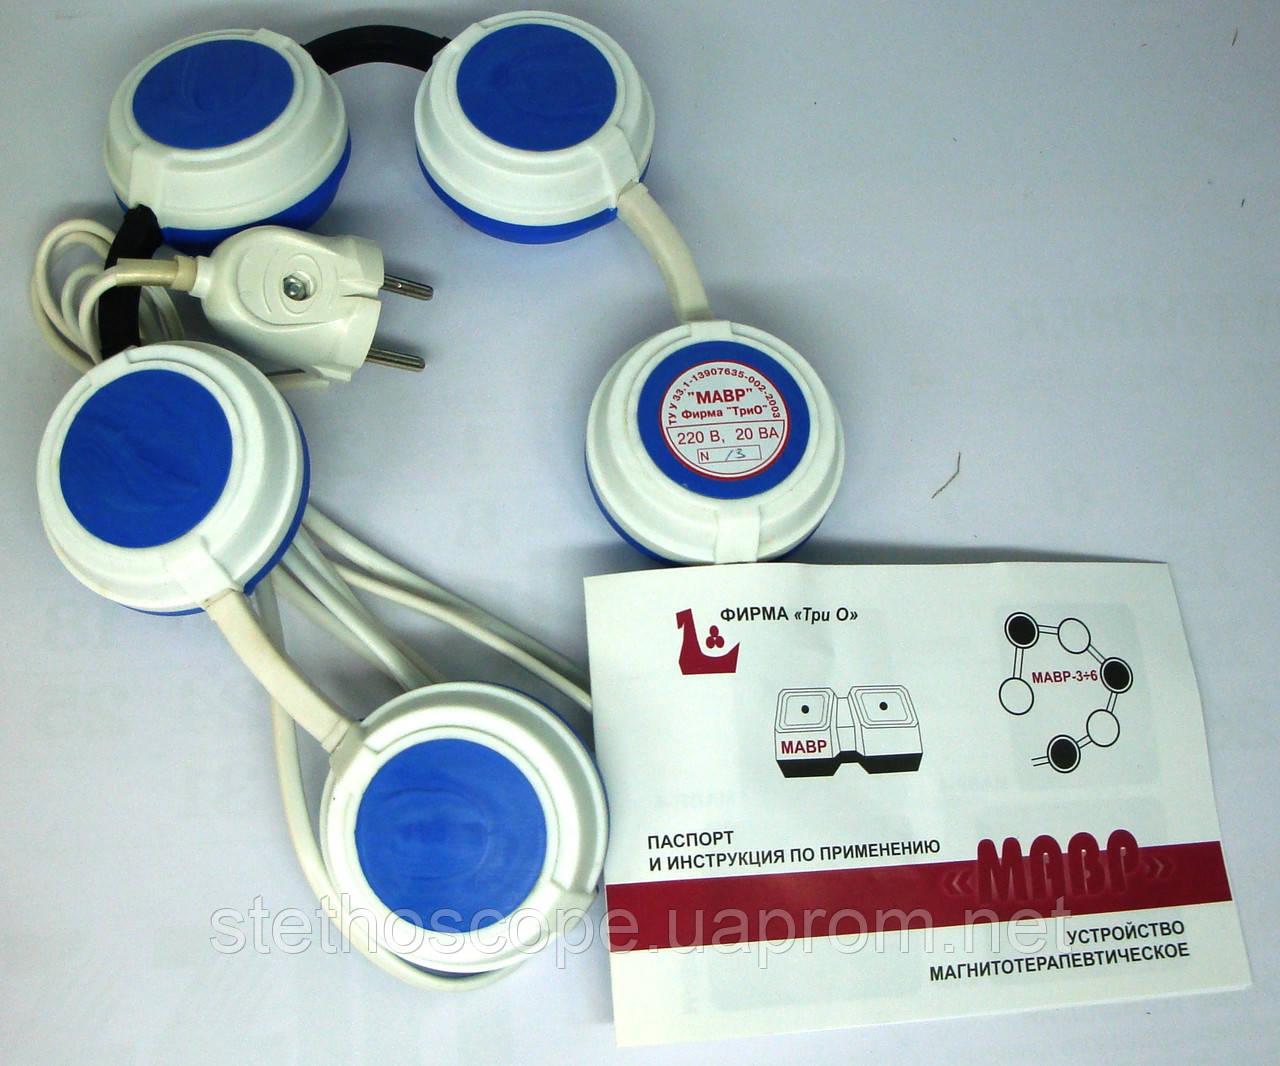 устройство магнитотерапевтическое мавр инструкция